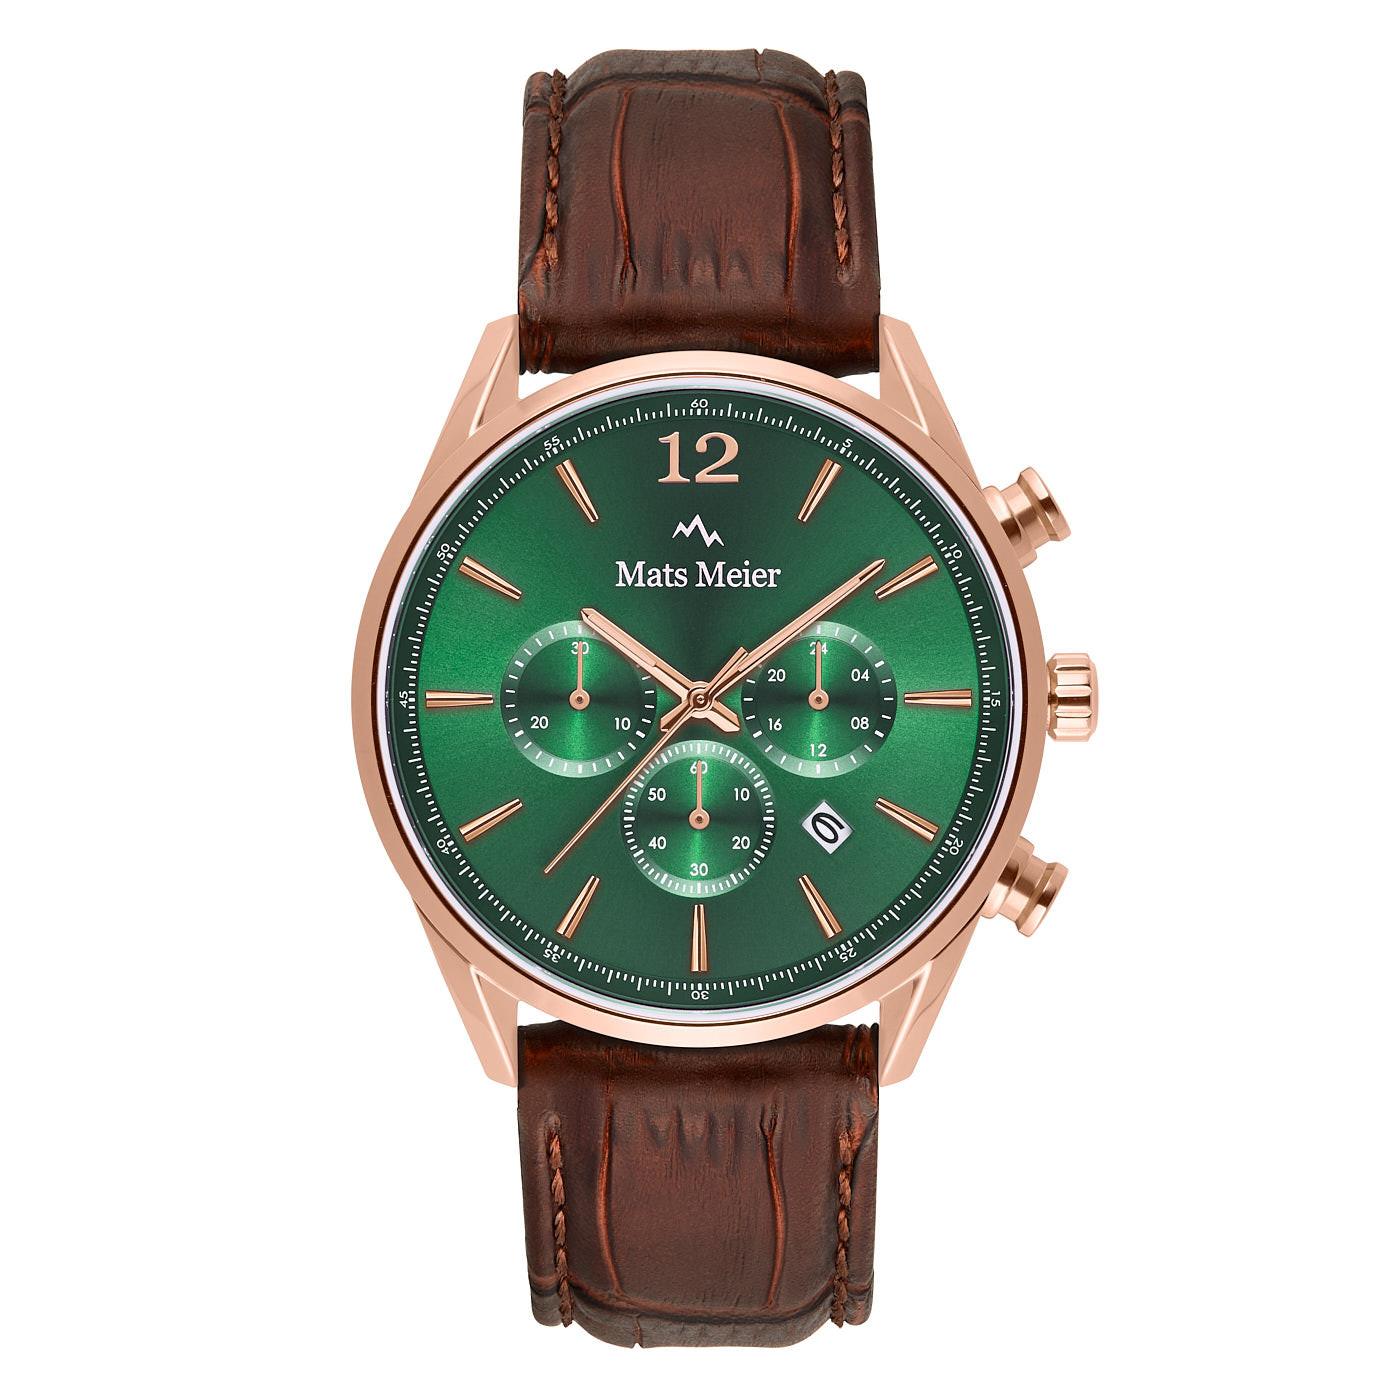 Mats Meier Grand Cornier montre chronographe vert / rosé / marron